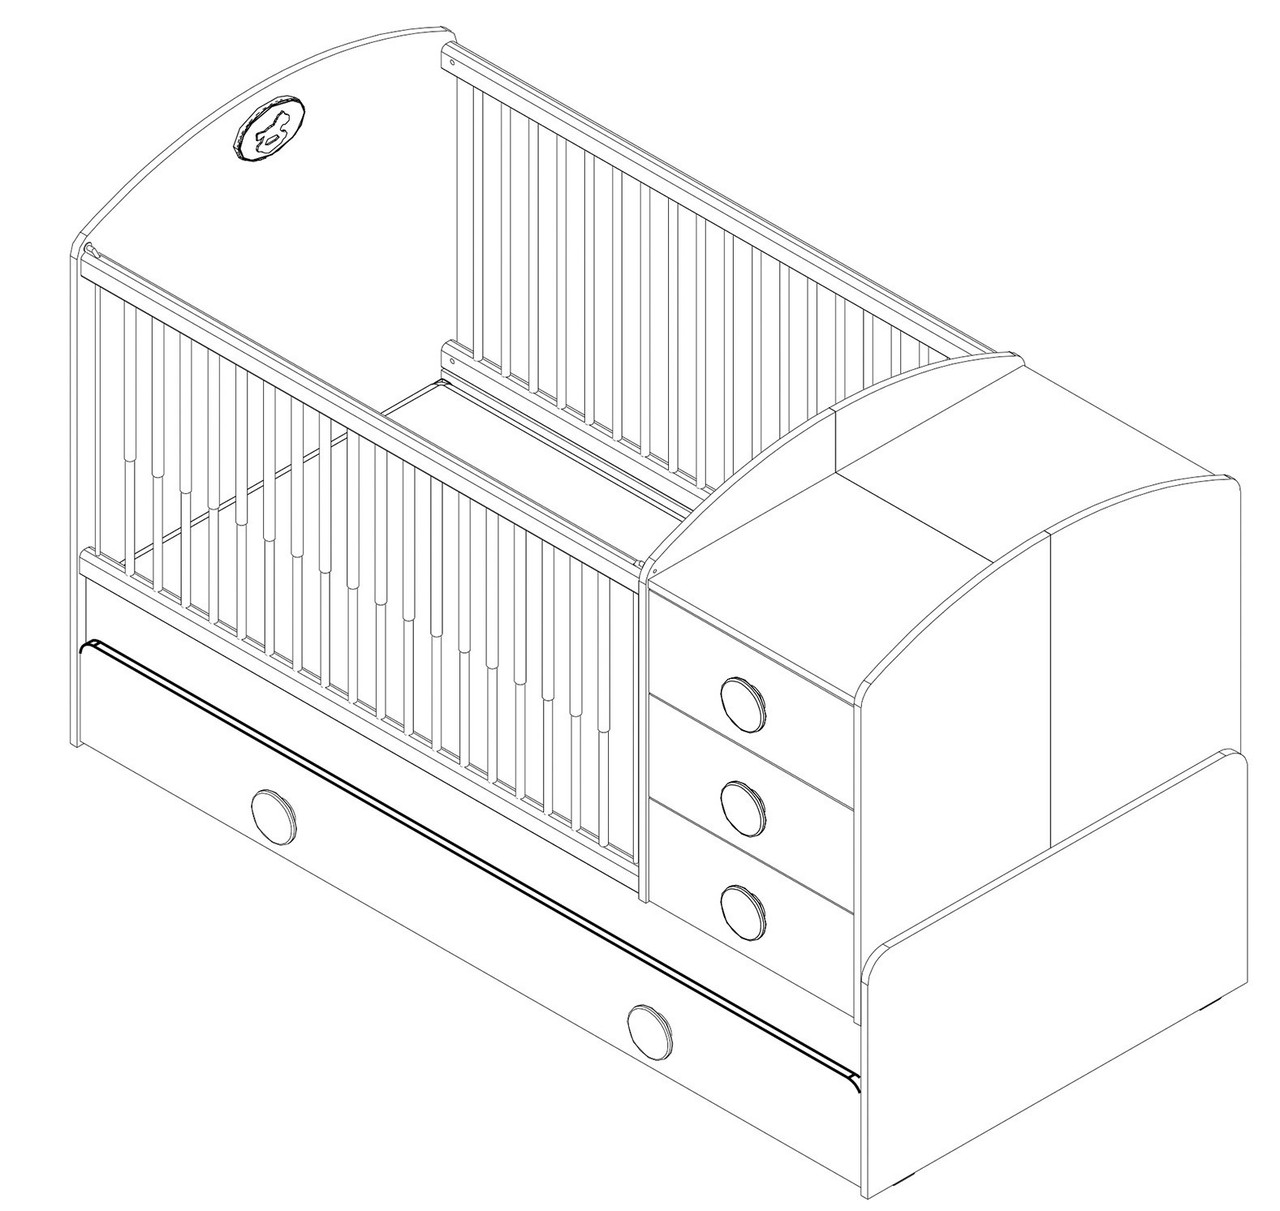 Топ-18 видов детских кроваток для новорожденных: описание и обзор качеств